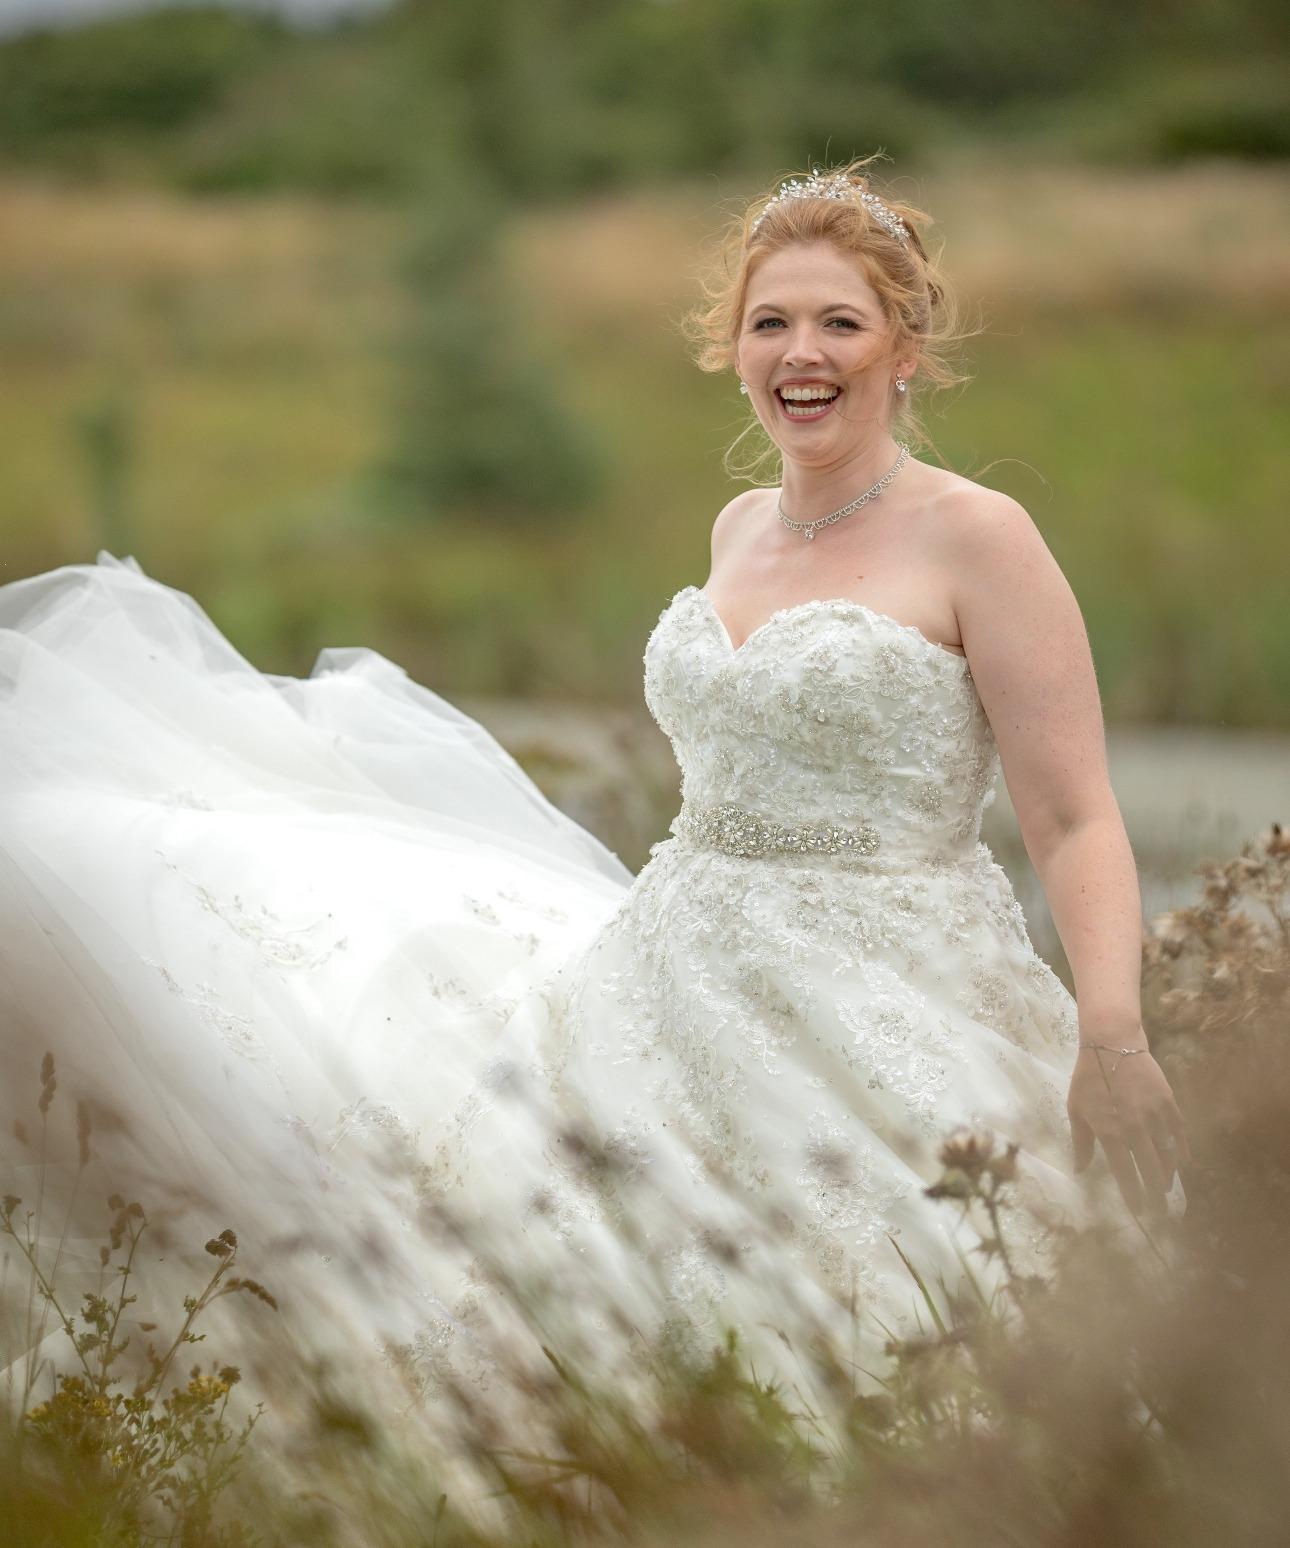 Bride's dress flowing in wind